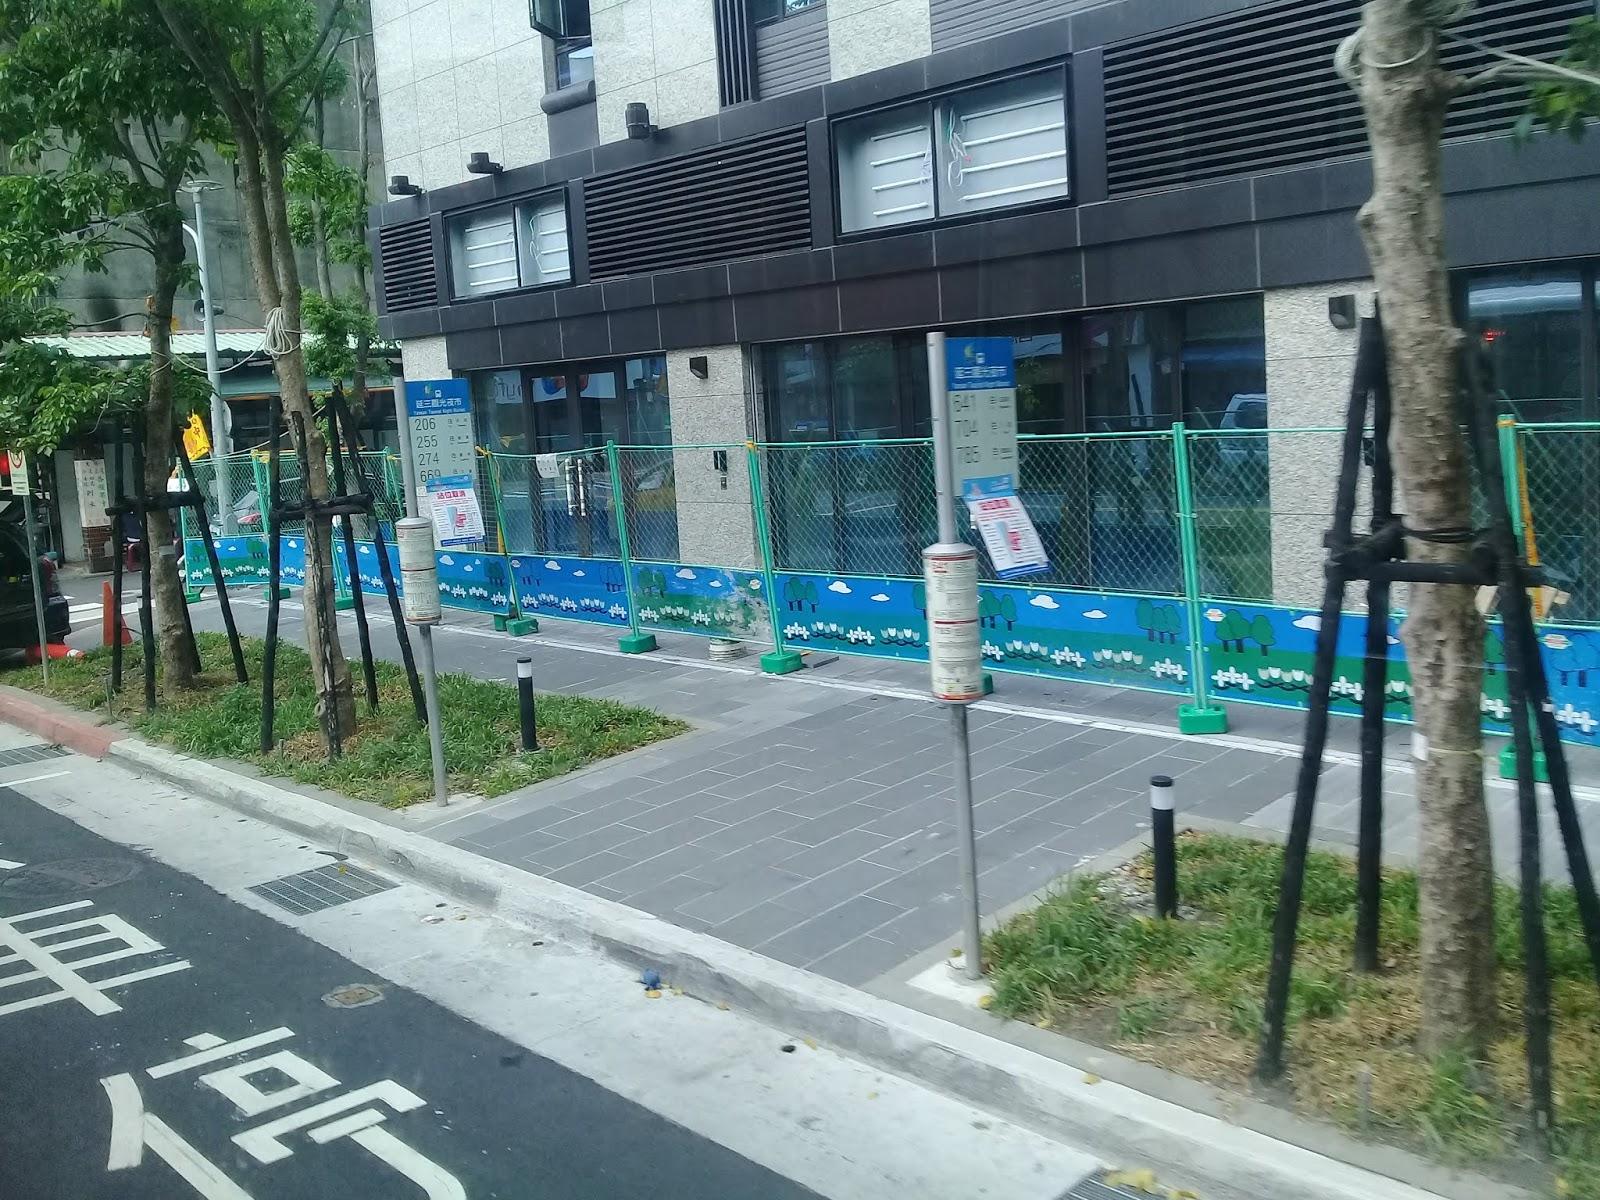 就是愛公車: 20180818 274 蘆洲-臺北車站 撘乘紀錄